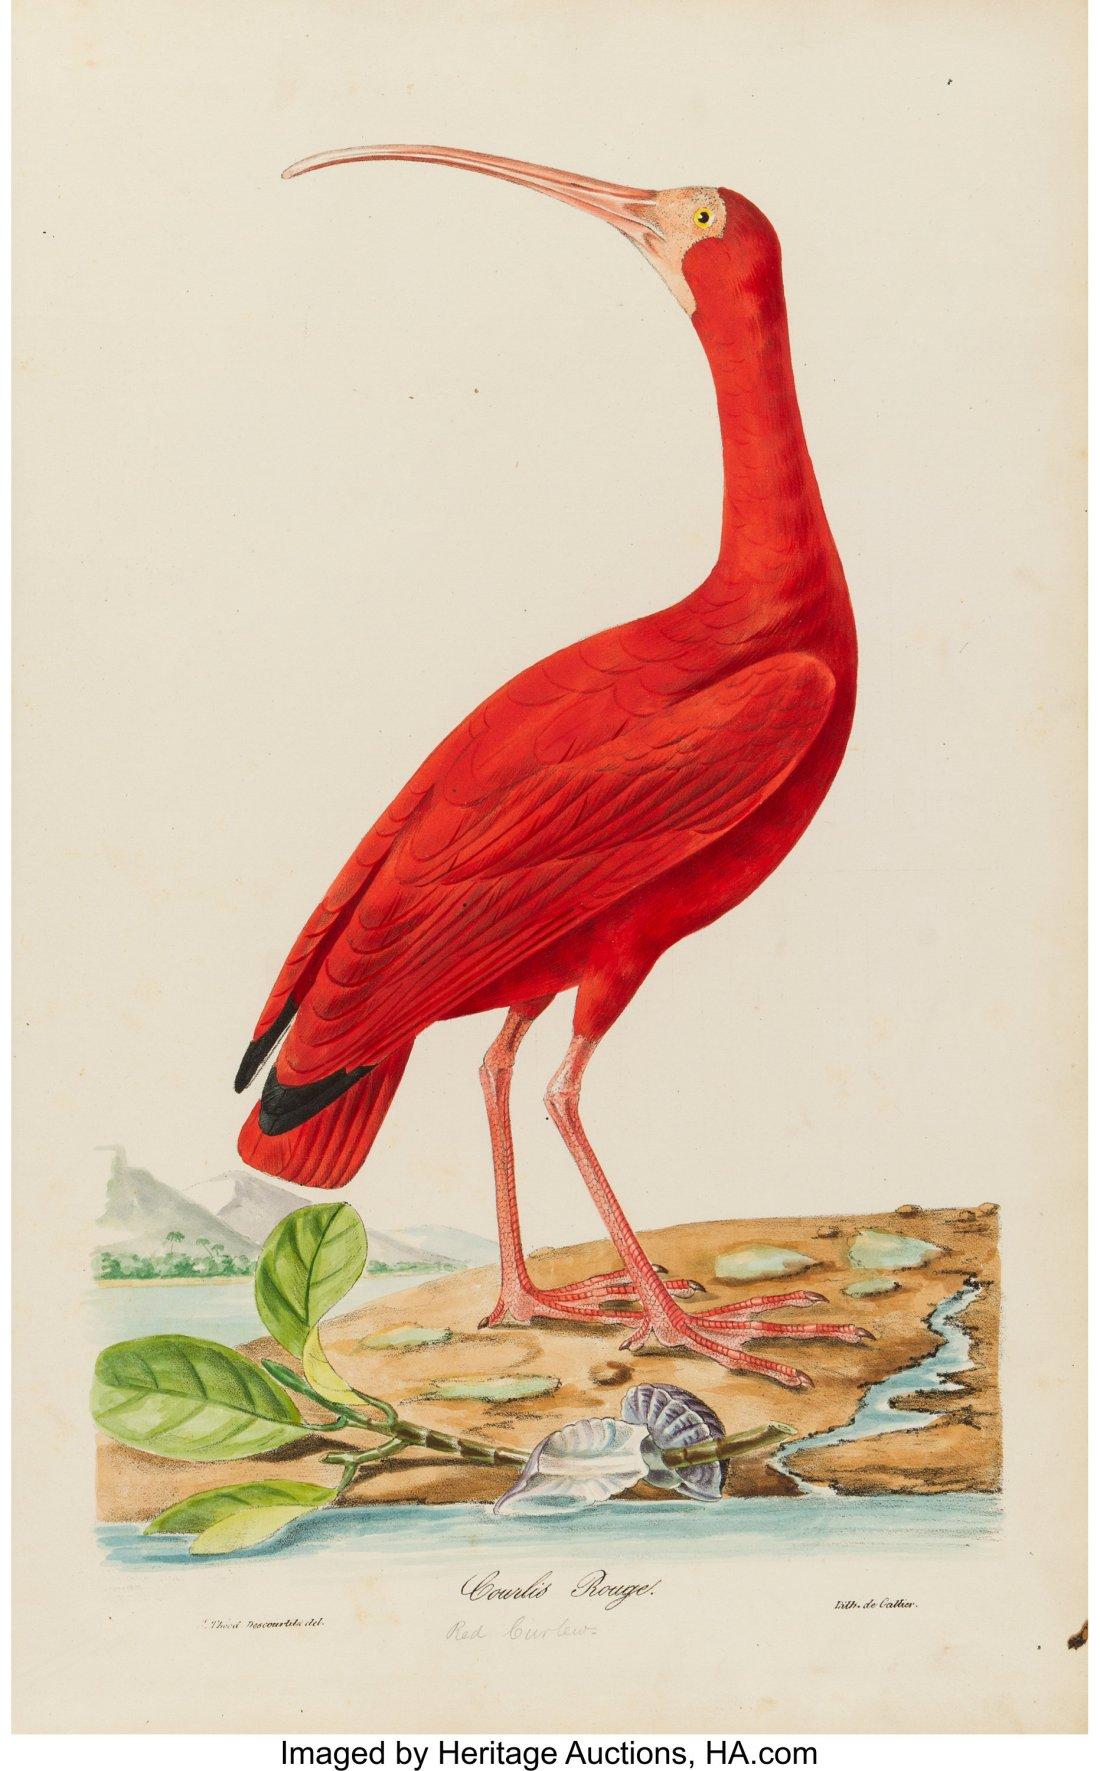 Oiseaux brillans du Brésil Courlis Rouge credit Heritage Auctions